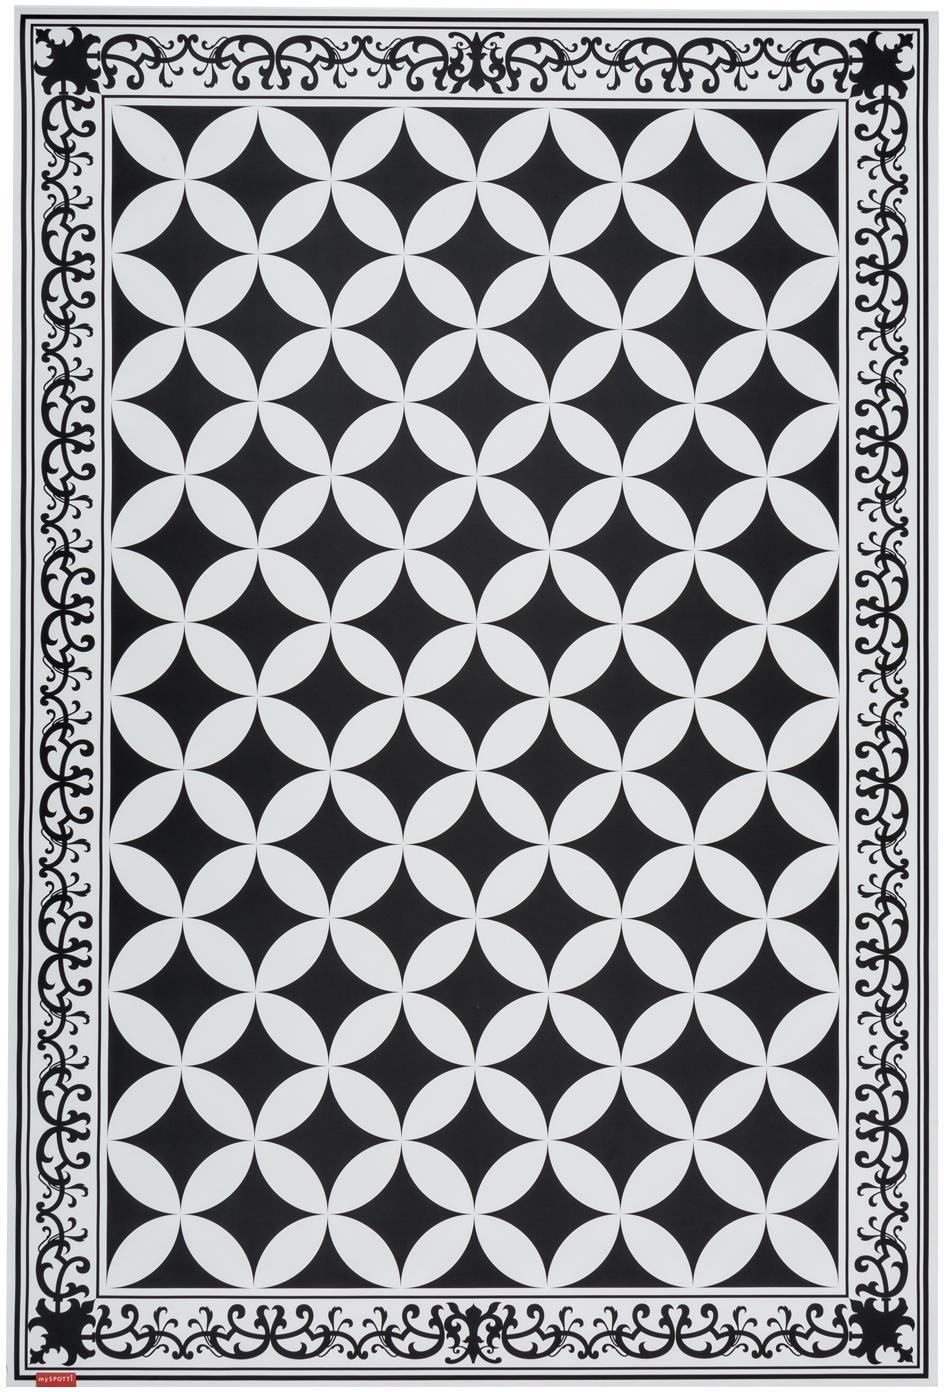 Vinyl-Bodenmatte Chadi, Vinyl, Schwarz, Weiß, 136 x 203 cm